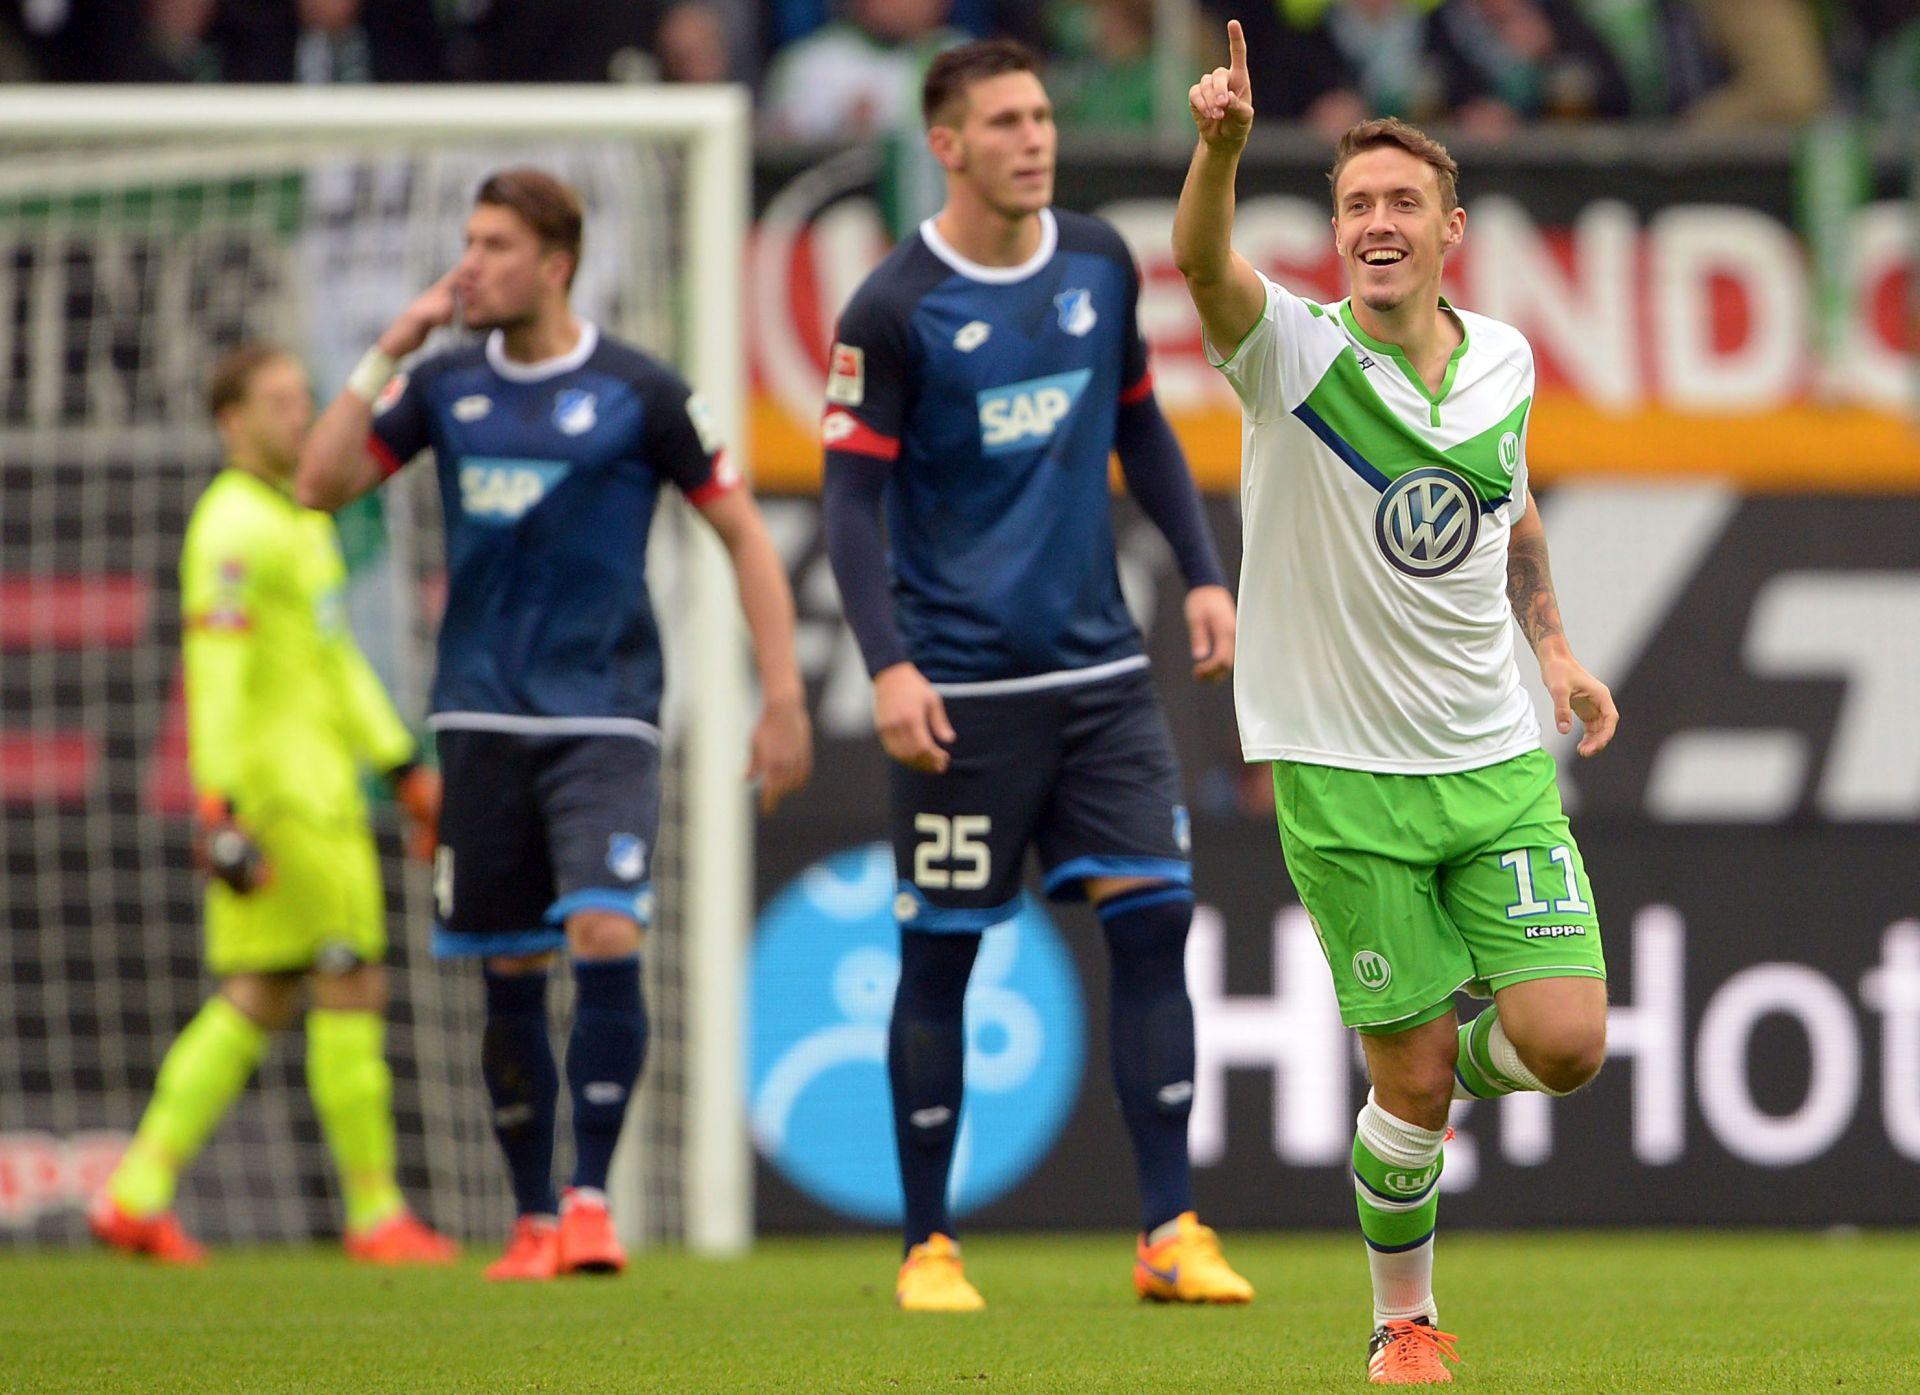 BUNDESLIGA Bayern minimalno, nastupili Iličević i Jedvaj, Kruse postigao hattrick za Wolfsburg